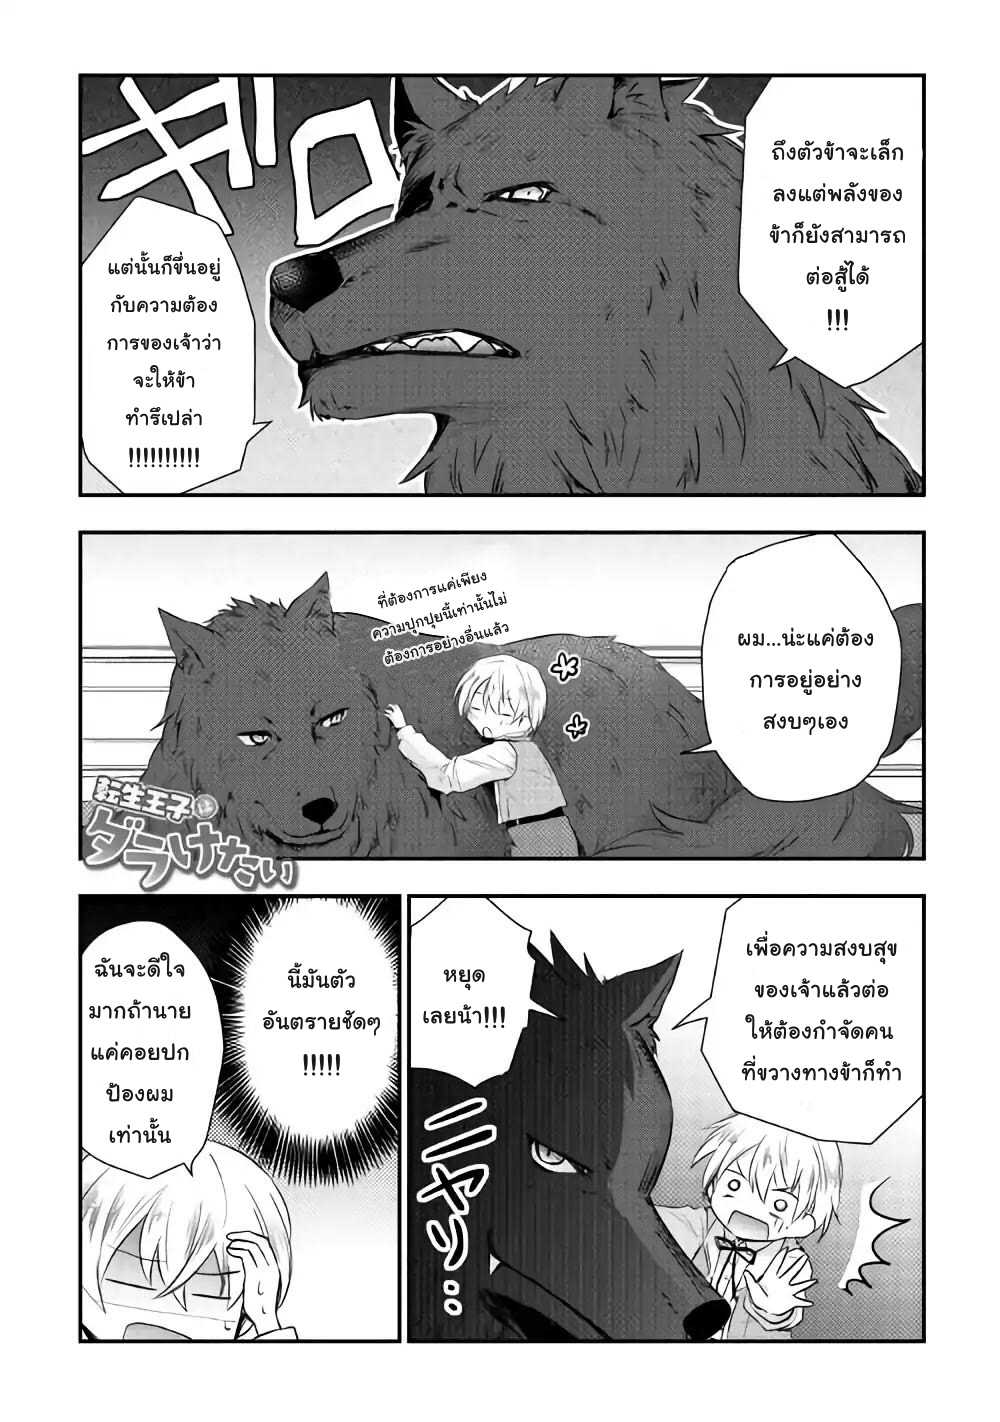 Tensei Ouji wa Daraketai-ตอนที่ 4